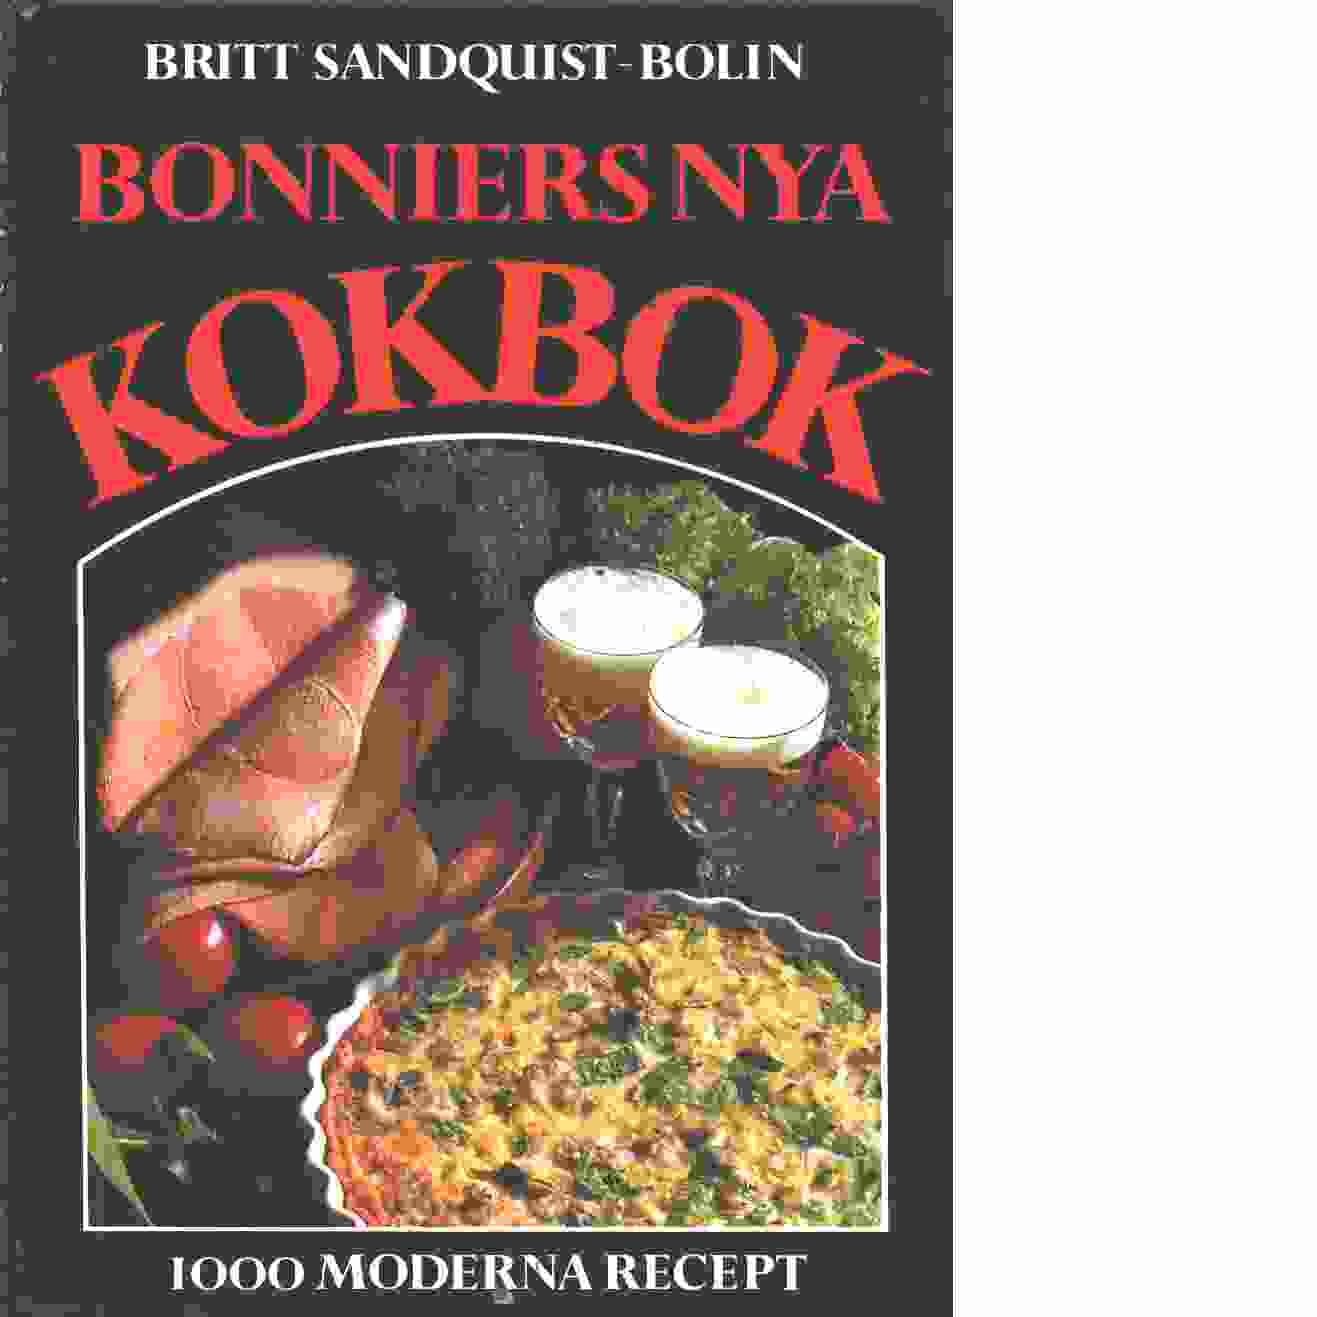 bonniers stora kokbok recept